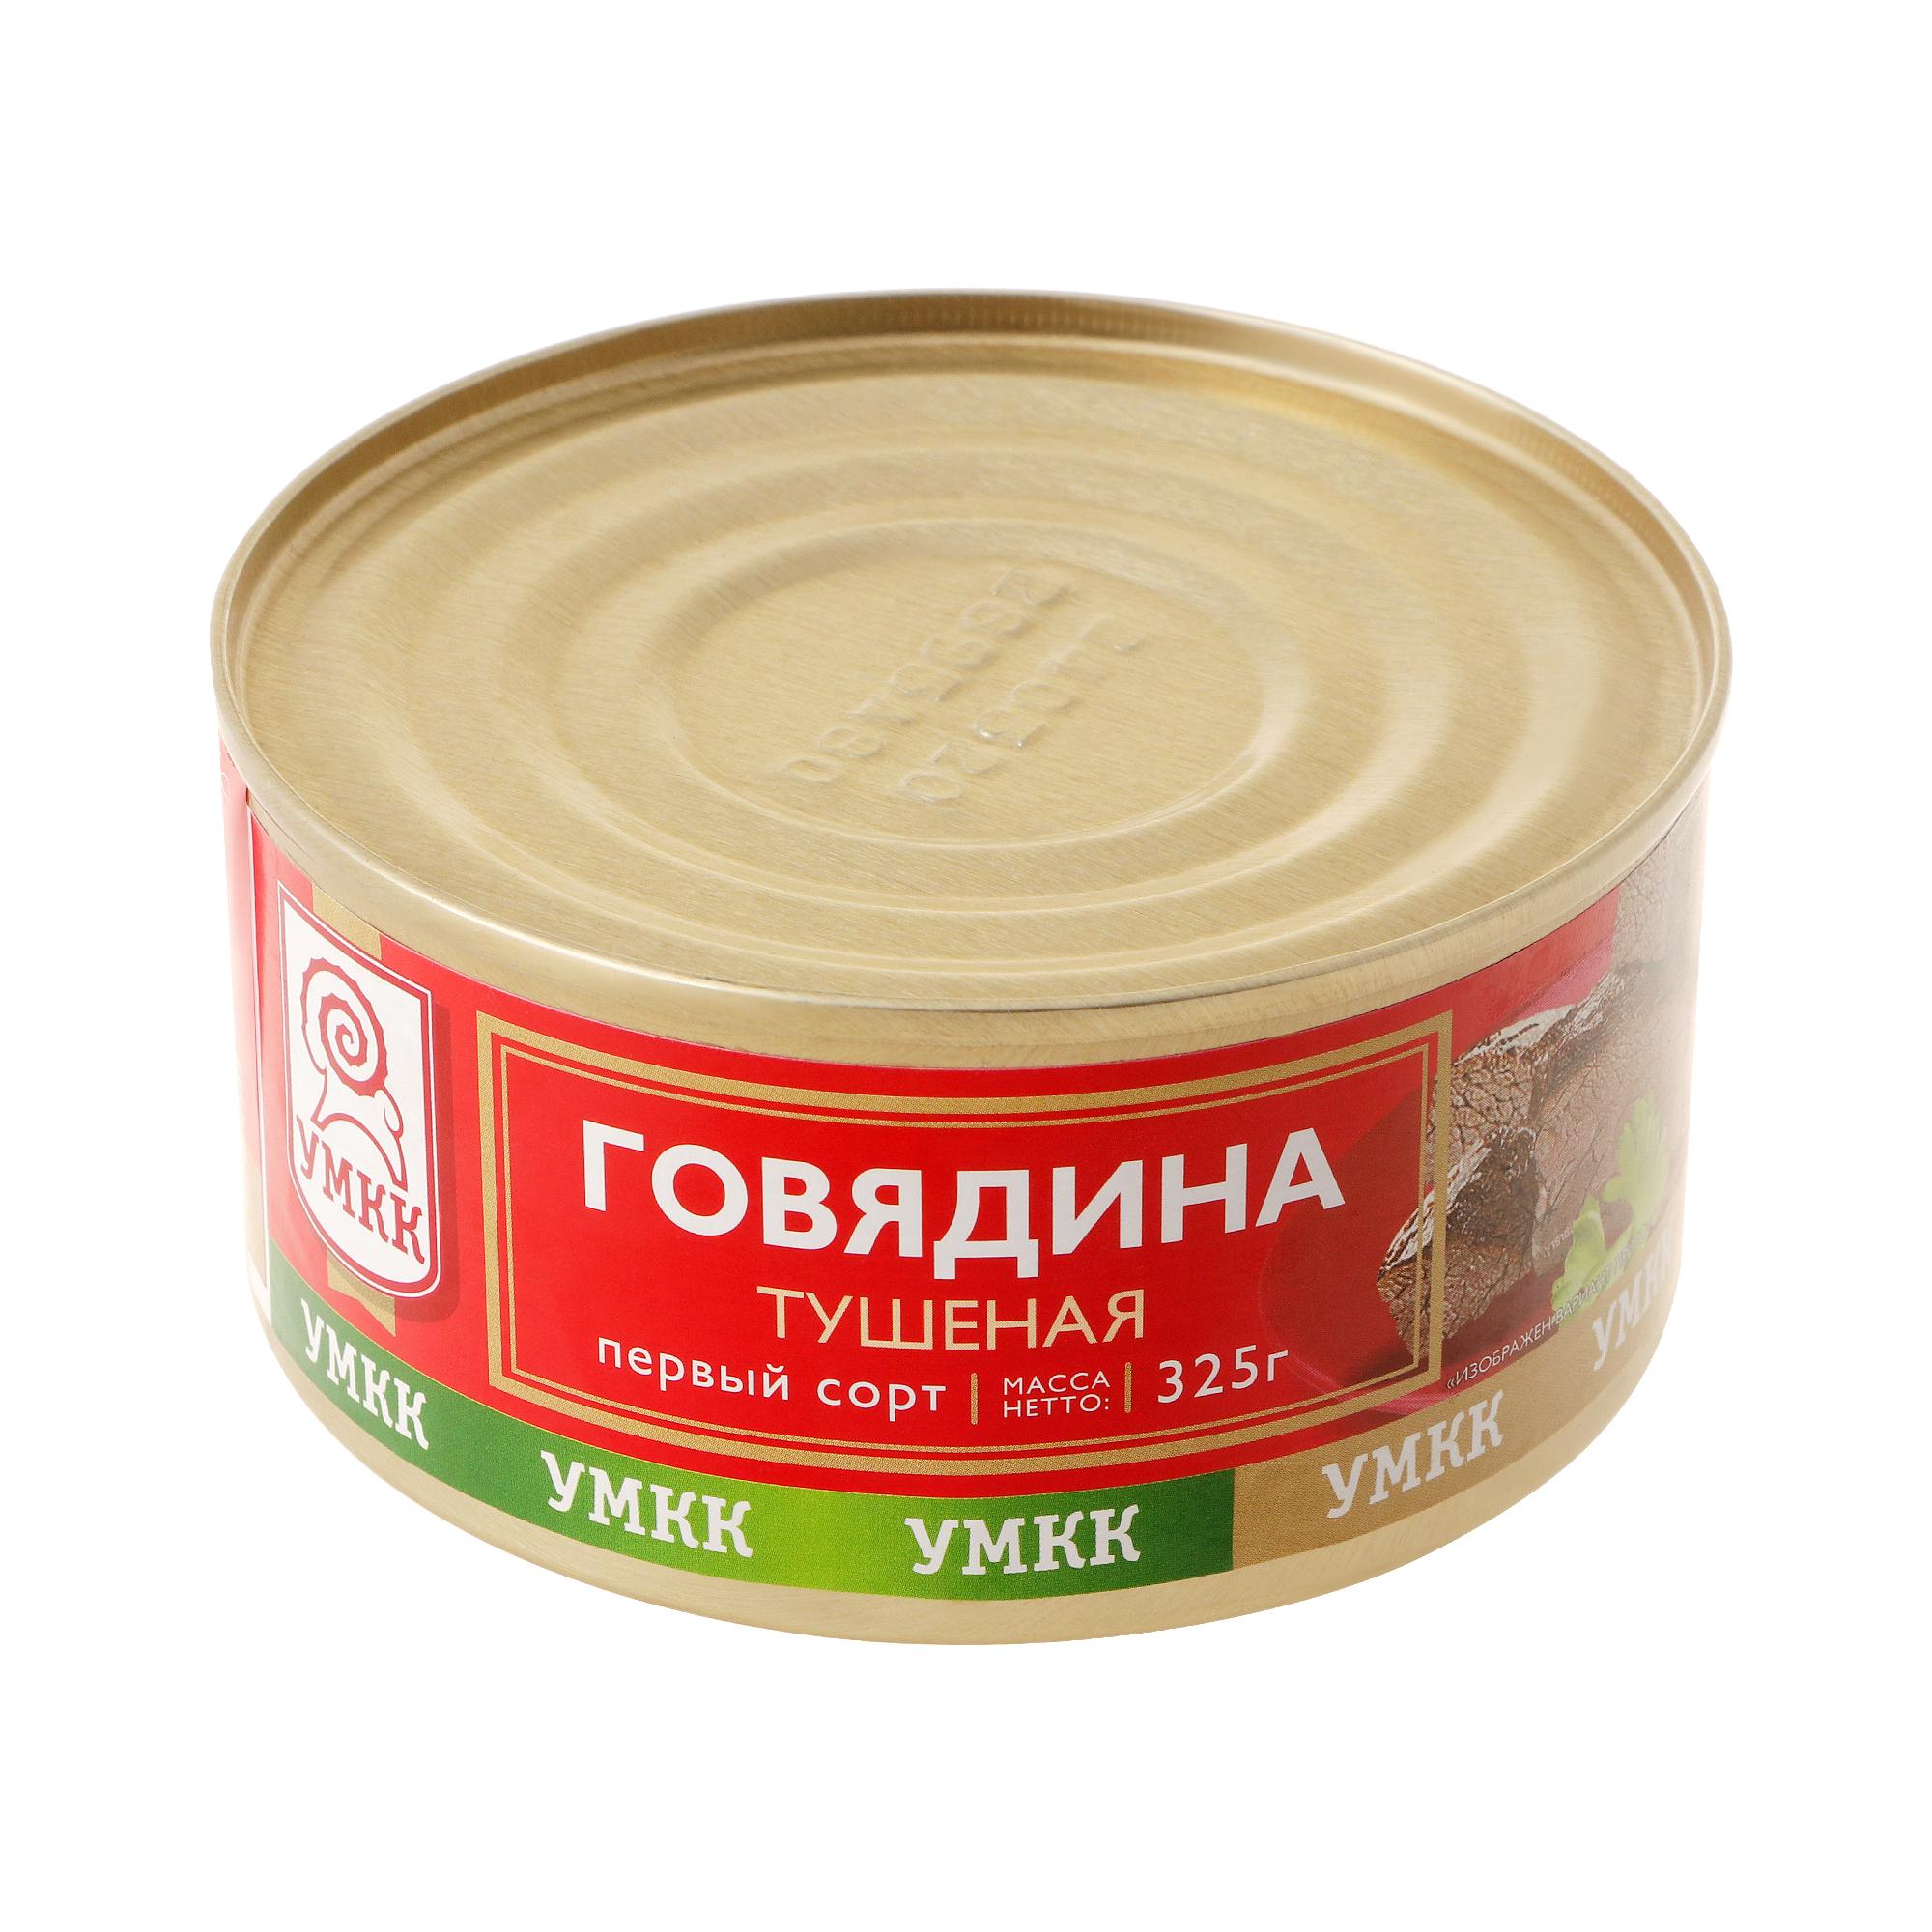 говядина тушеная барс экстра 325 г Говядина тушеная УМКК Первый сорт 325 г